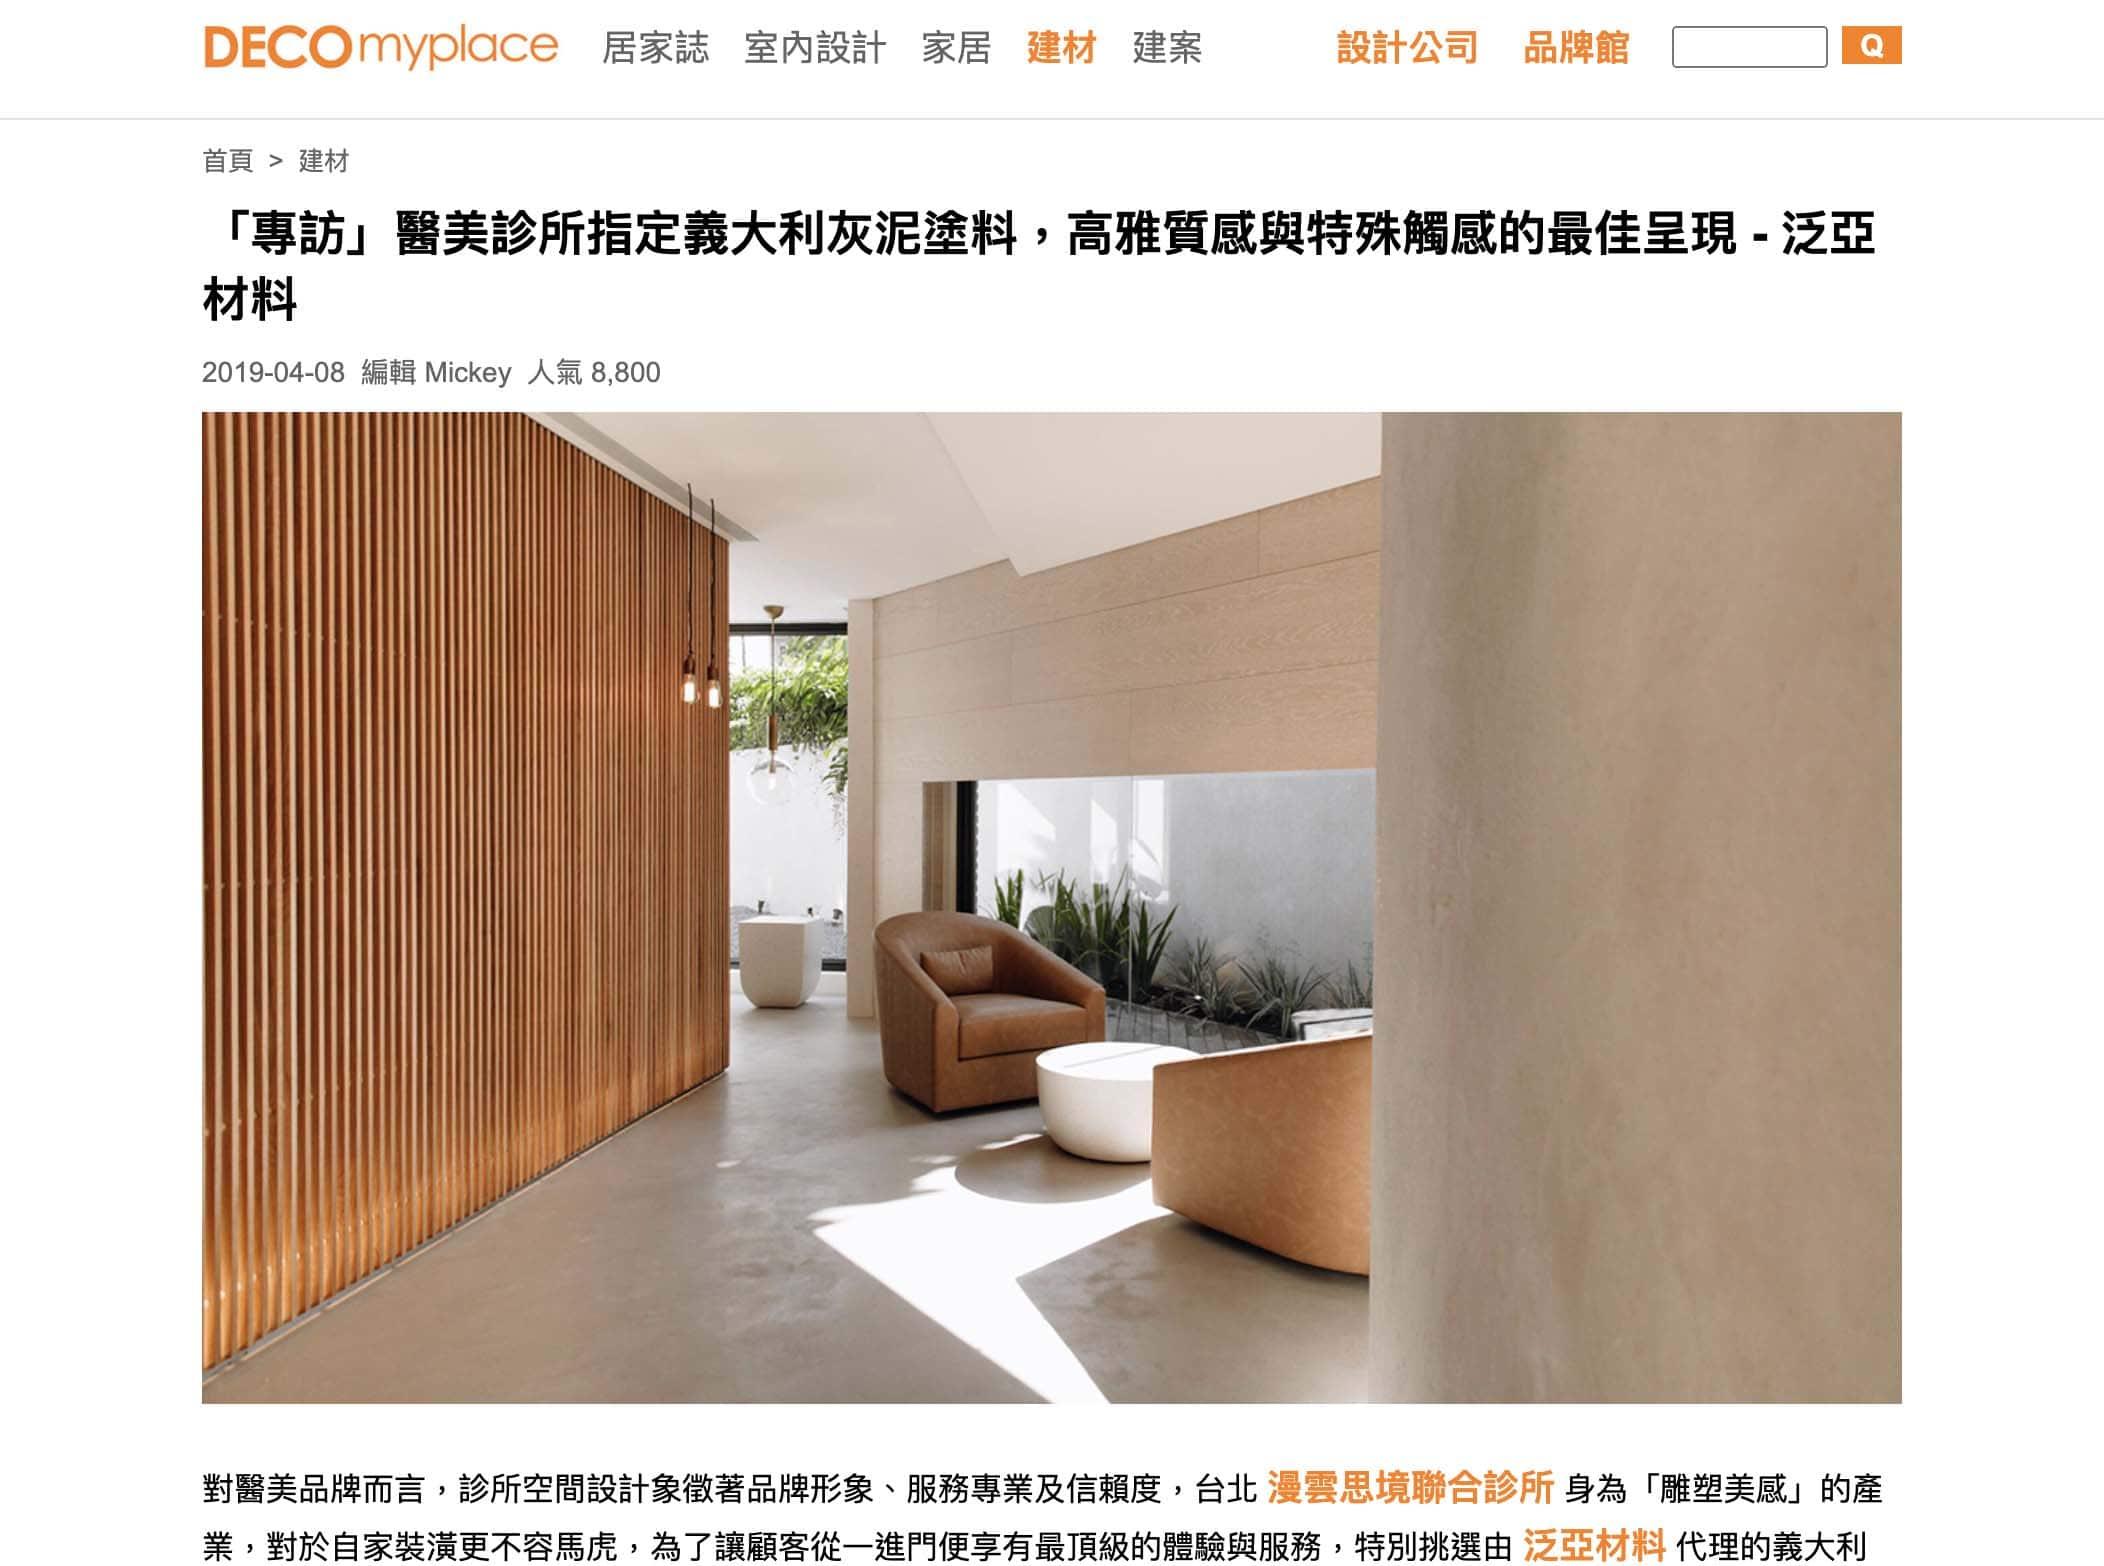 漫雲思境-DECO my place-室內設計